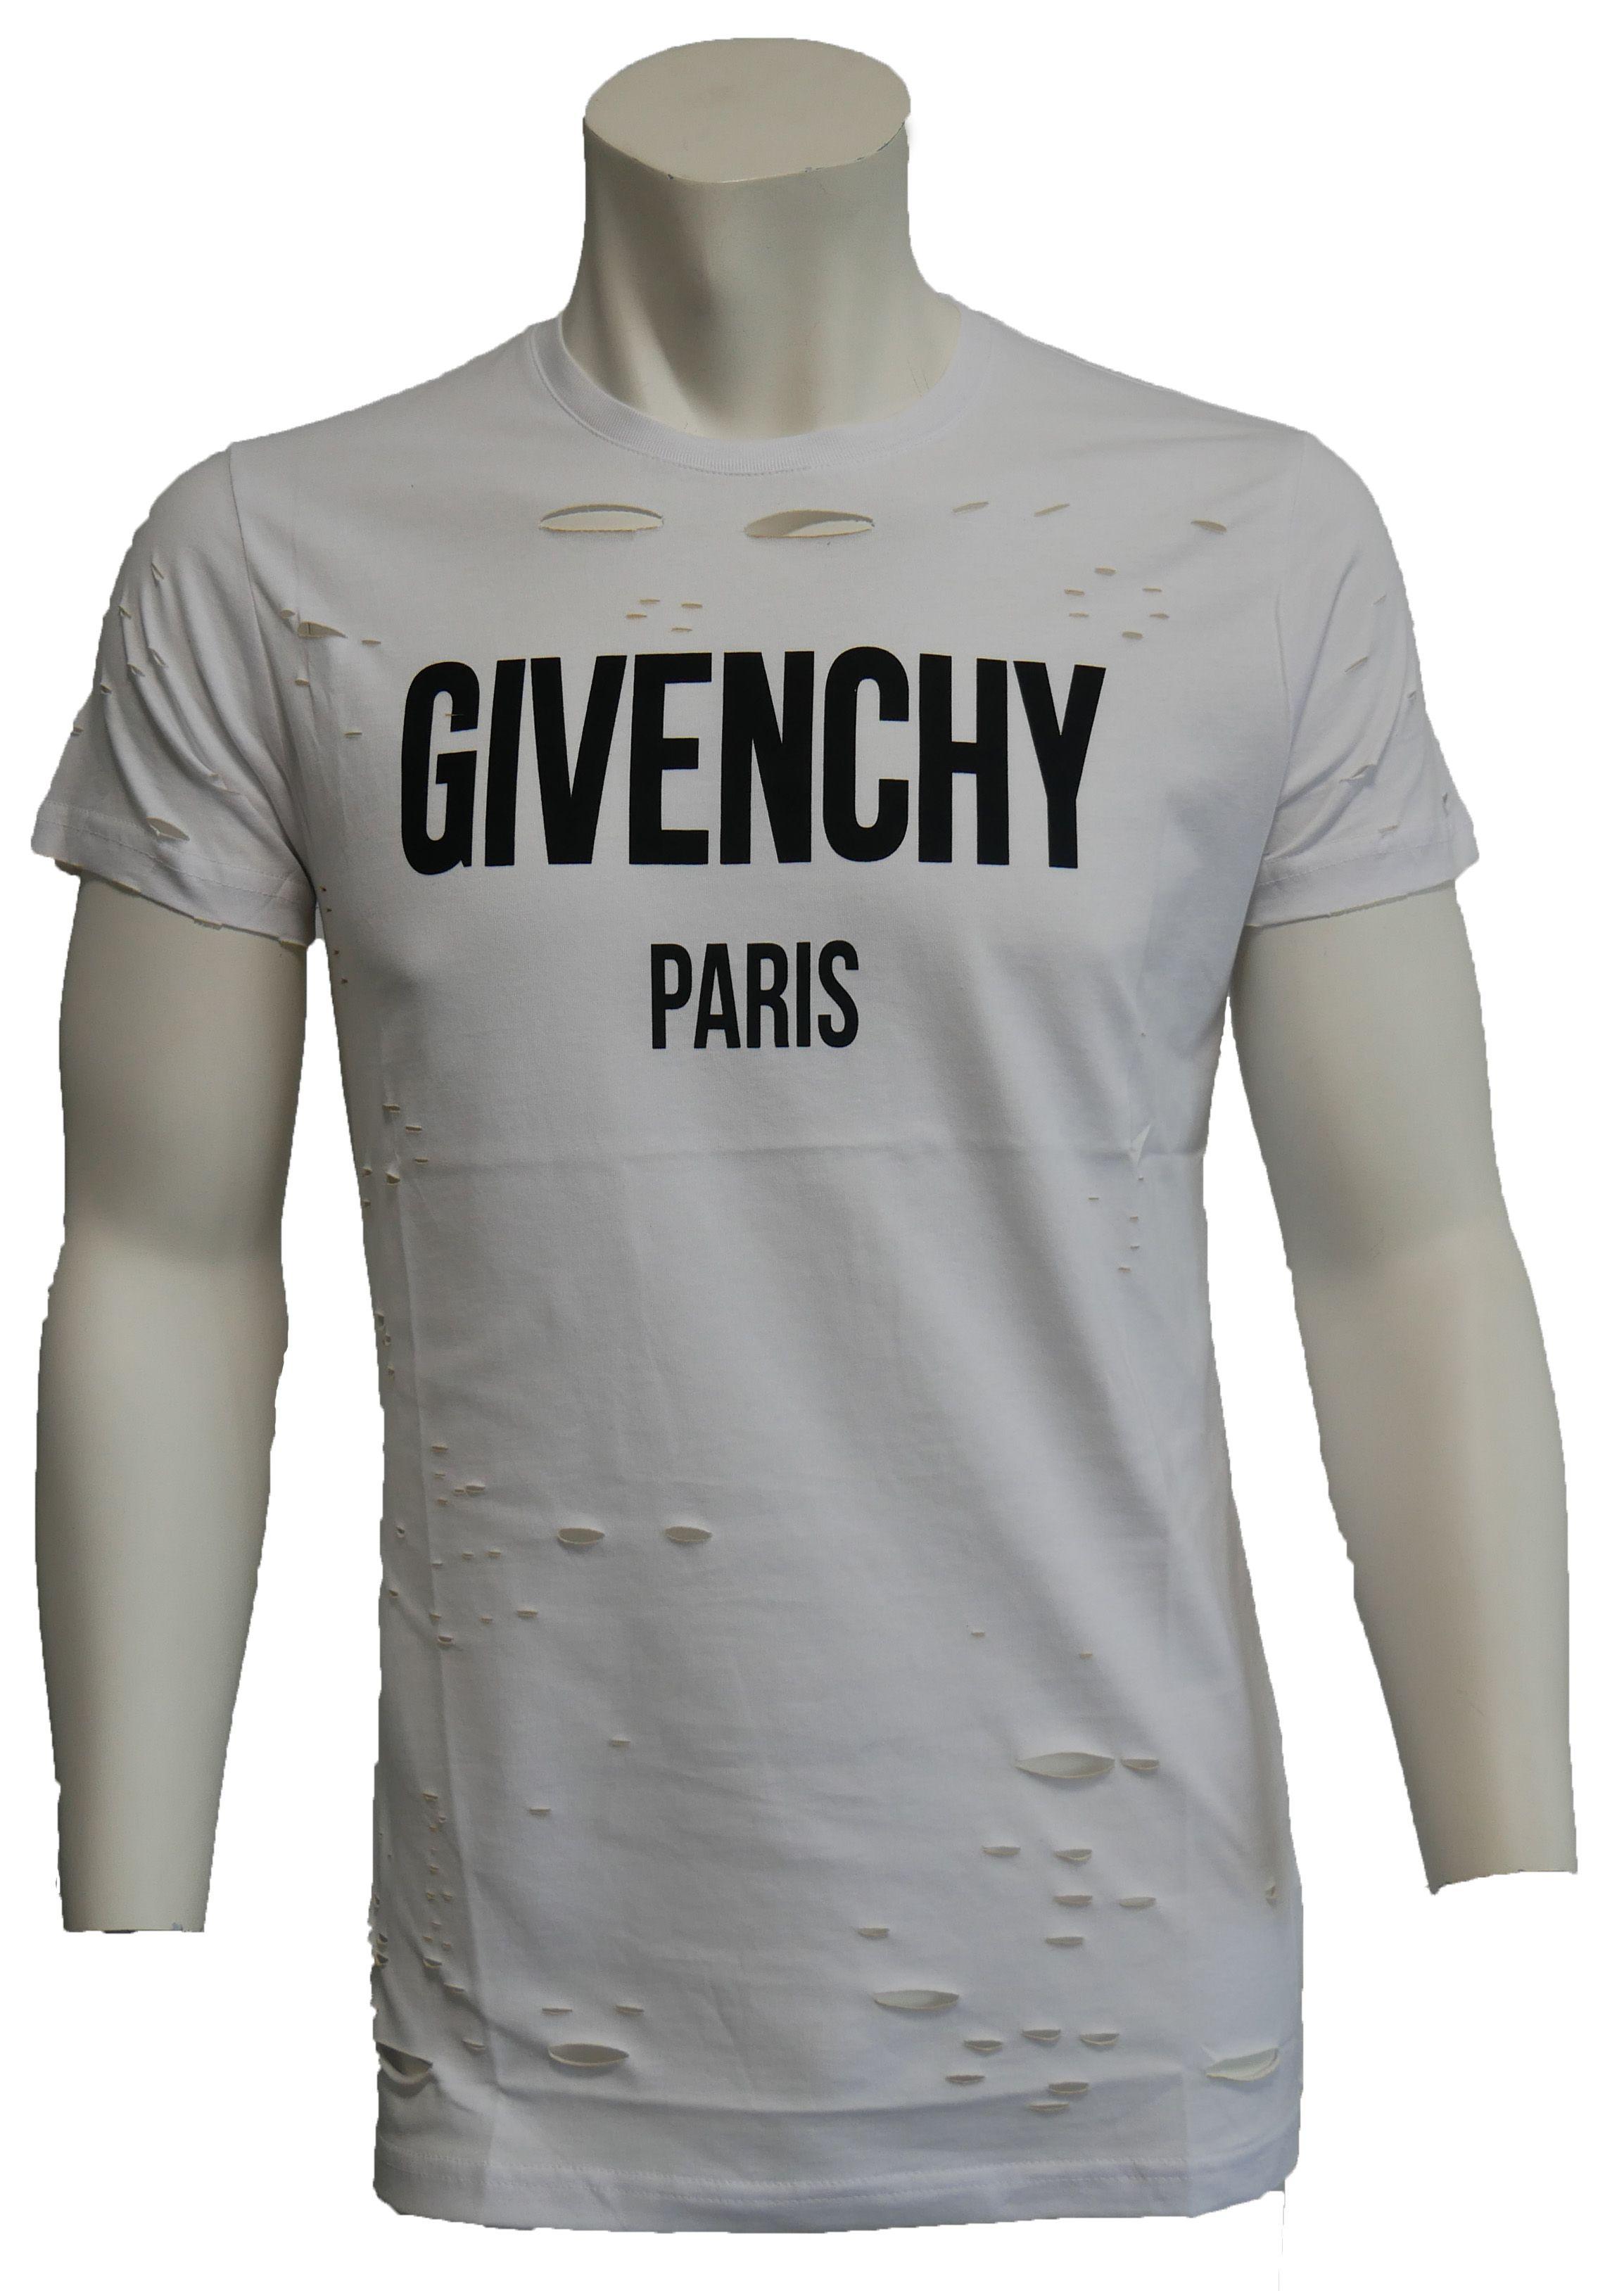 givenchy t-shirt / póló | marken kleidung, mode, markenkleidung